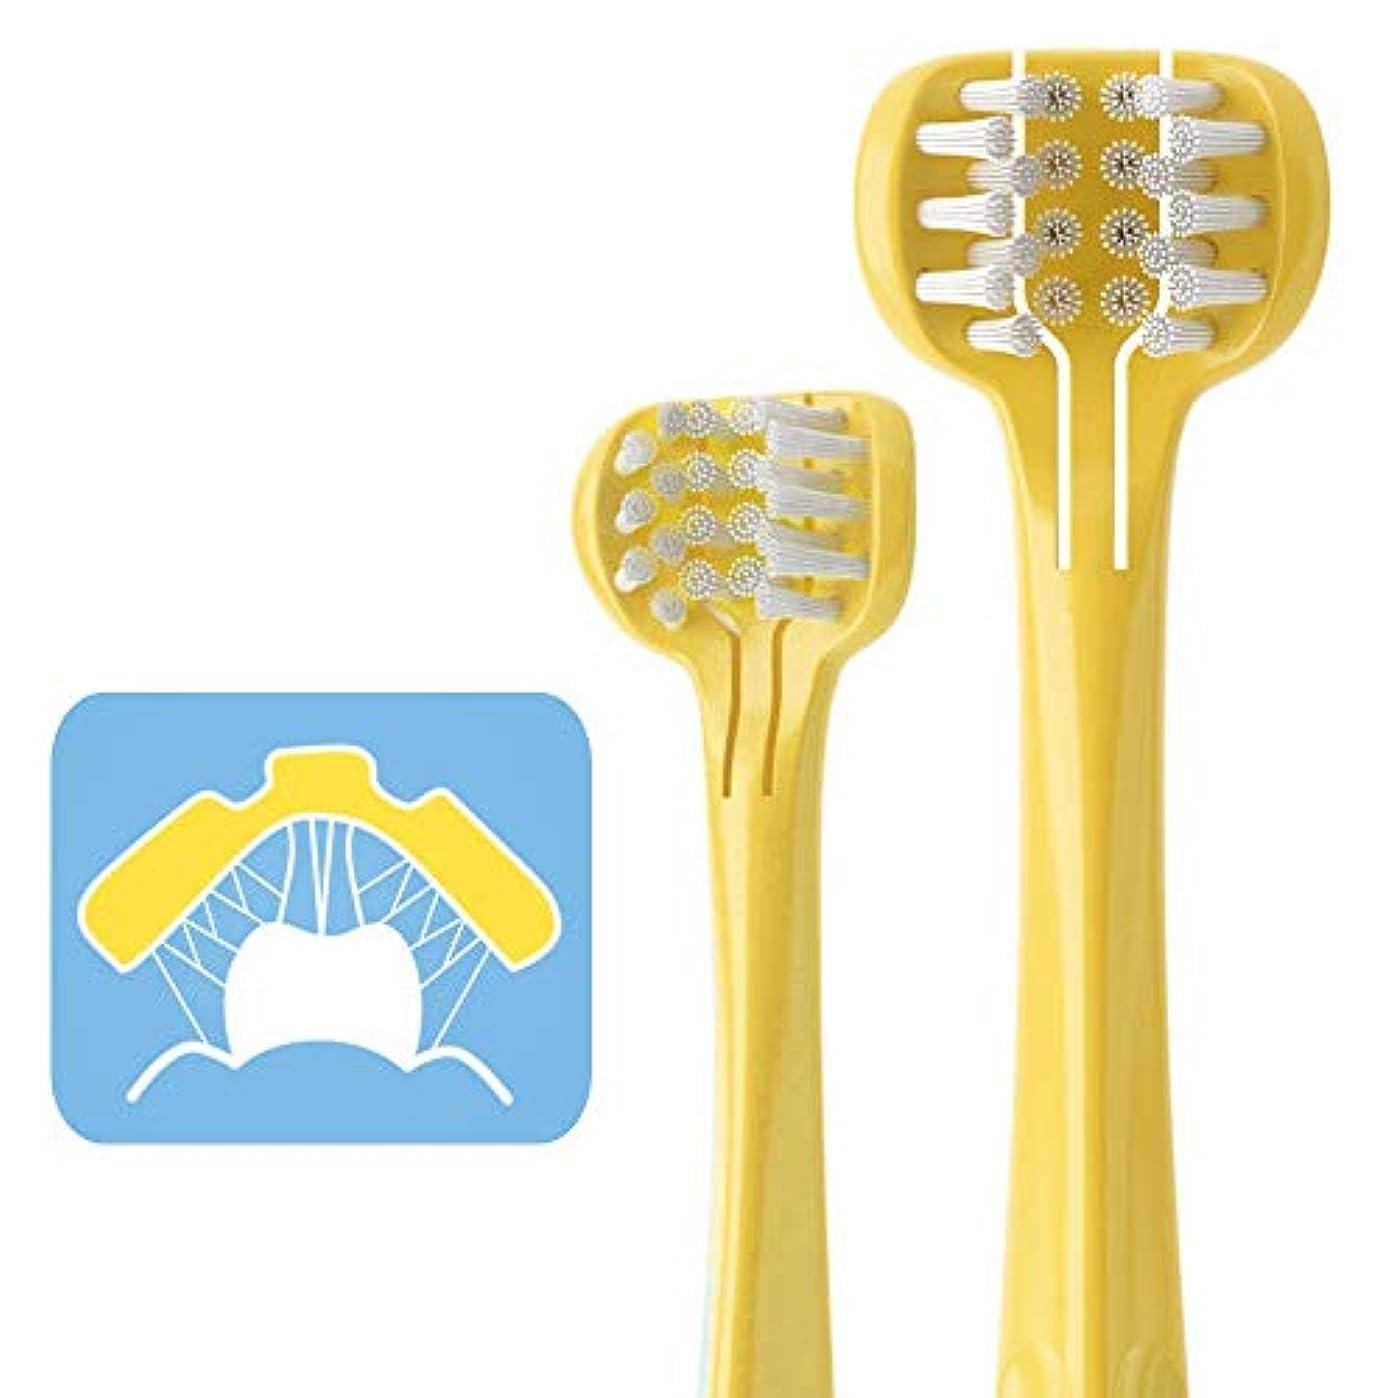 不注意学生合法子供用 歯ブラシ、柔軟でラップアラウンド、トレーニング歯ブラシ、子どもの歯磨き時間を節約、子ども用三面歯ブラシ 1歳以上に適用 (イエロー)